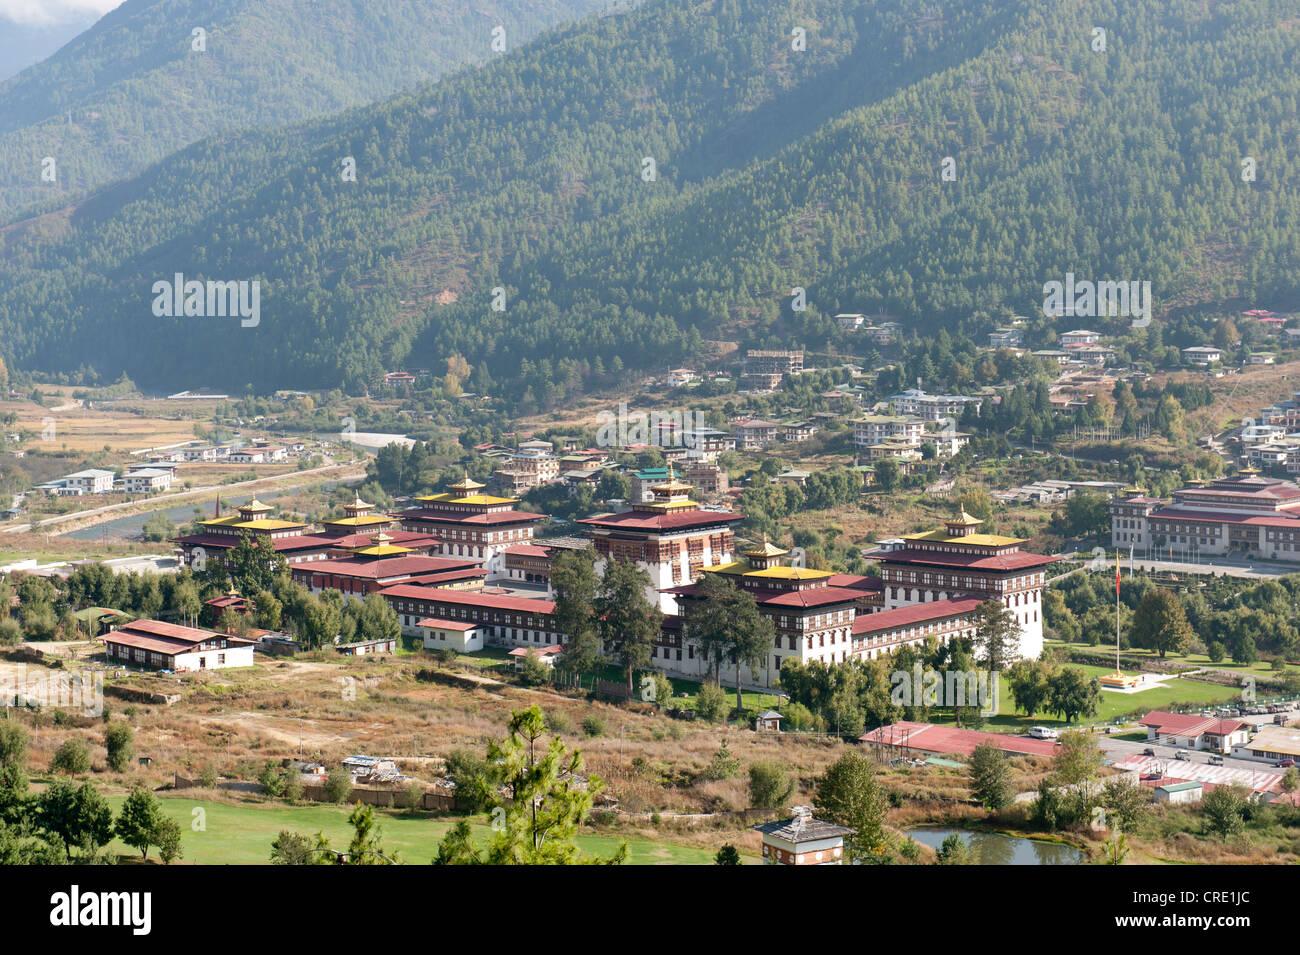 Vue de la vallée avec le Wang Chhu forteresse-monastère, Tashichoedzong Dzong, siège du gouvernement Photo Stock